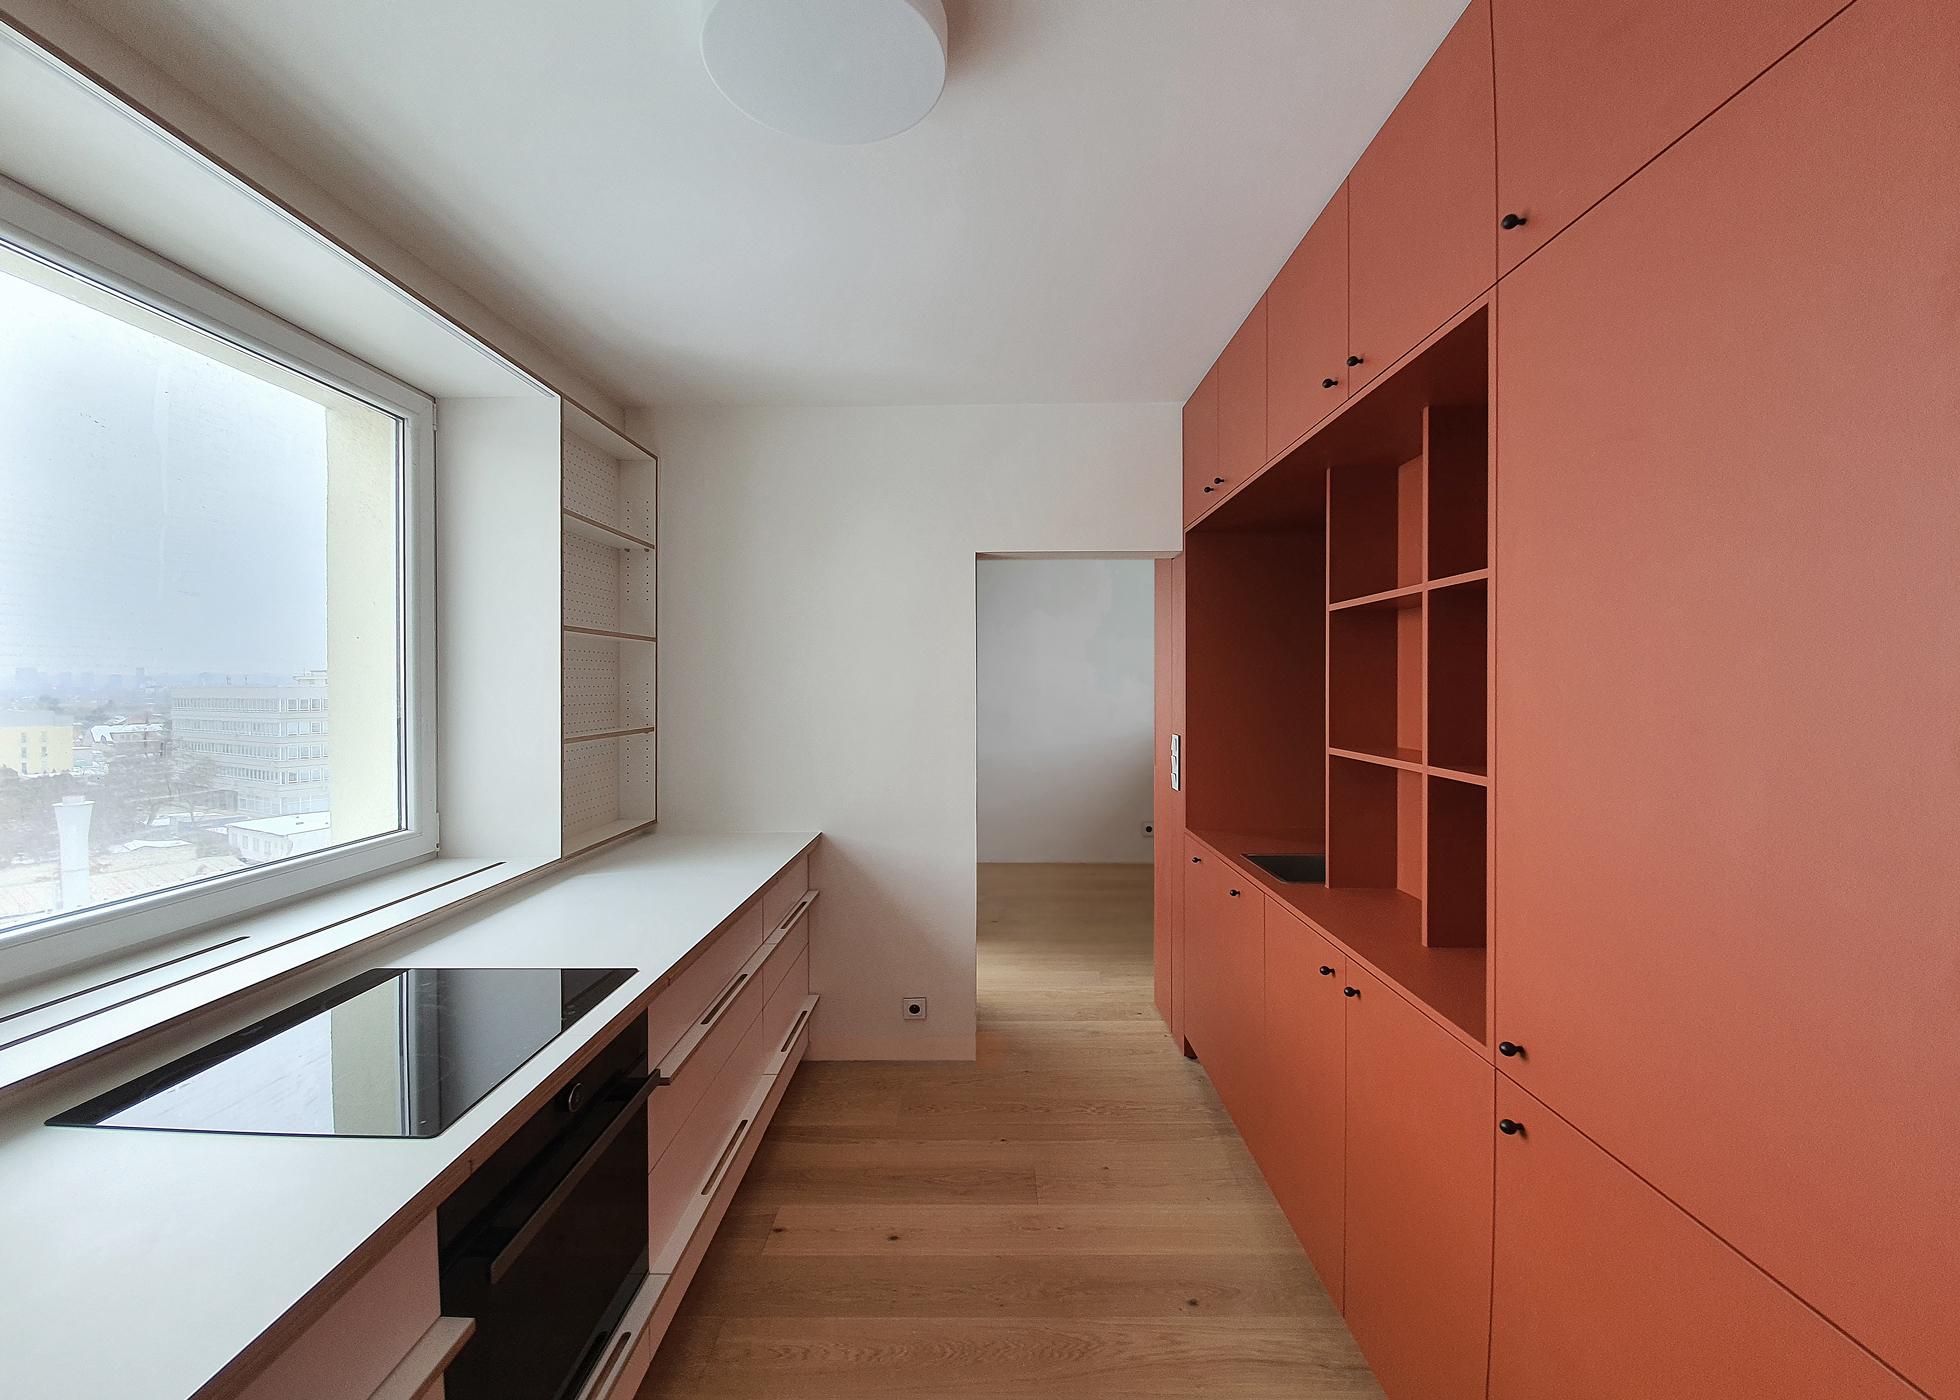 noiz-architekti-interier-byt-lotysska-real-01